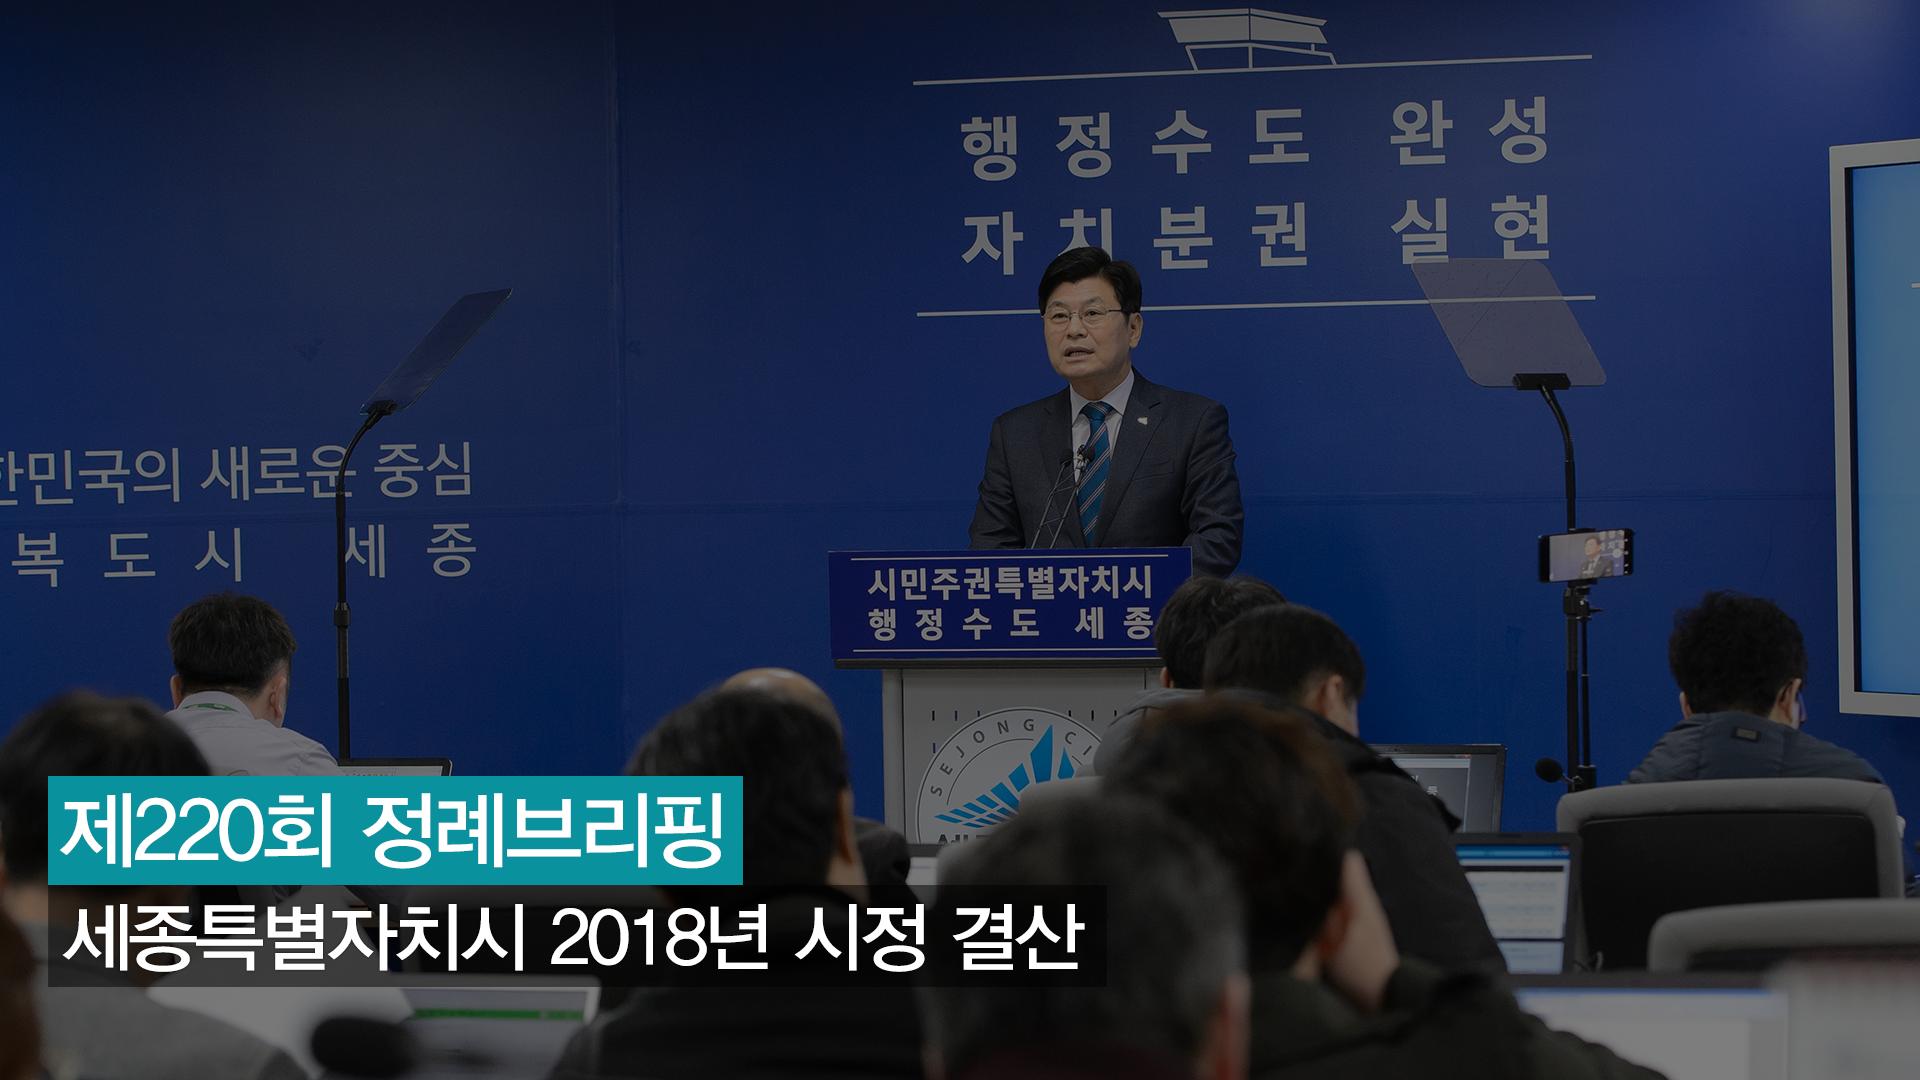 <220번째 정례브리핑> 시민주권특별자치시 실현 총력